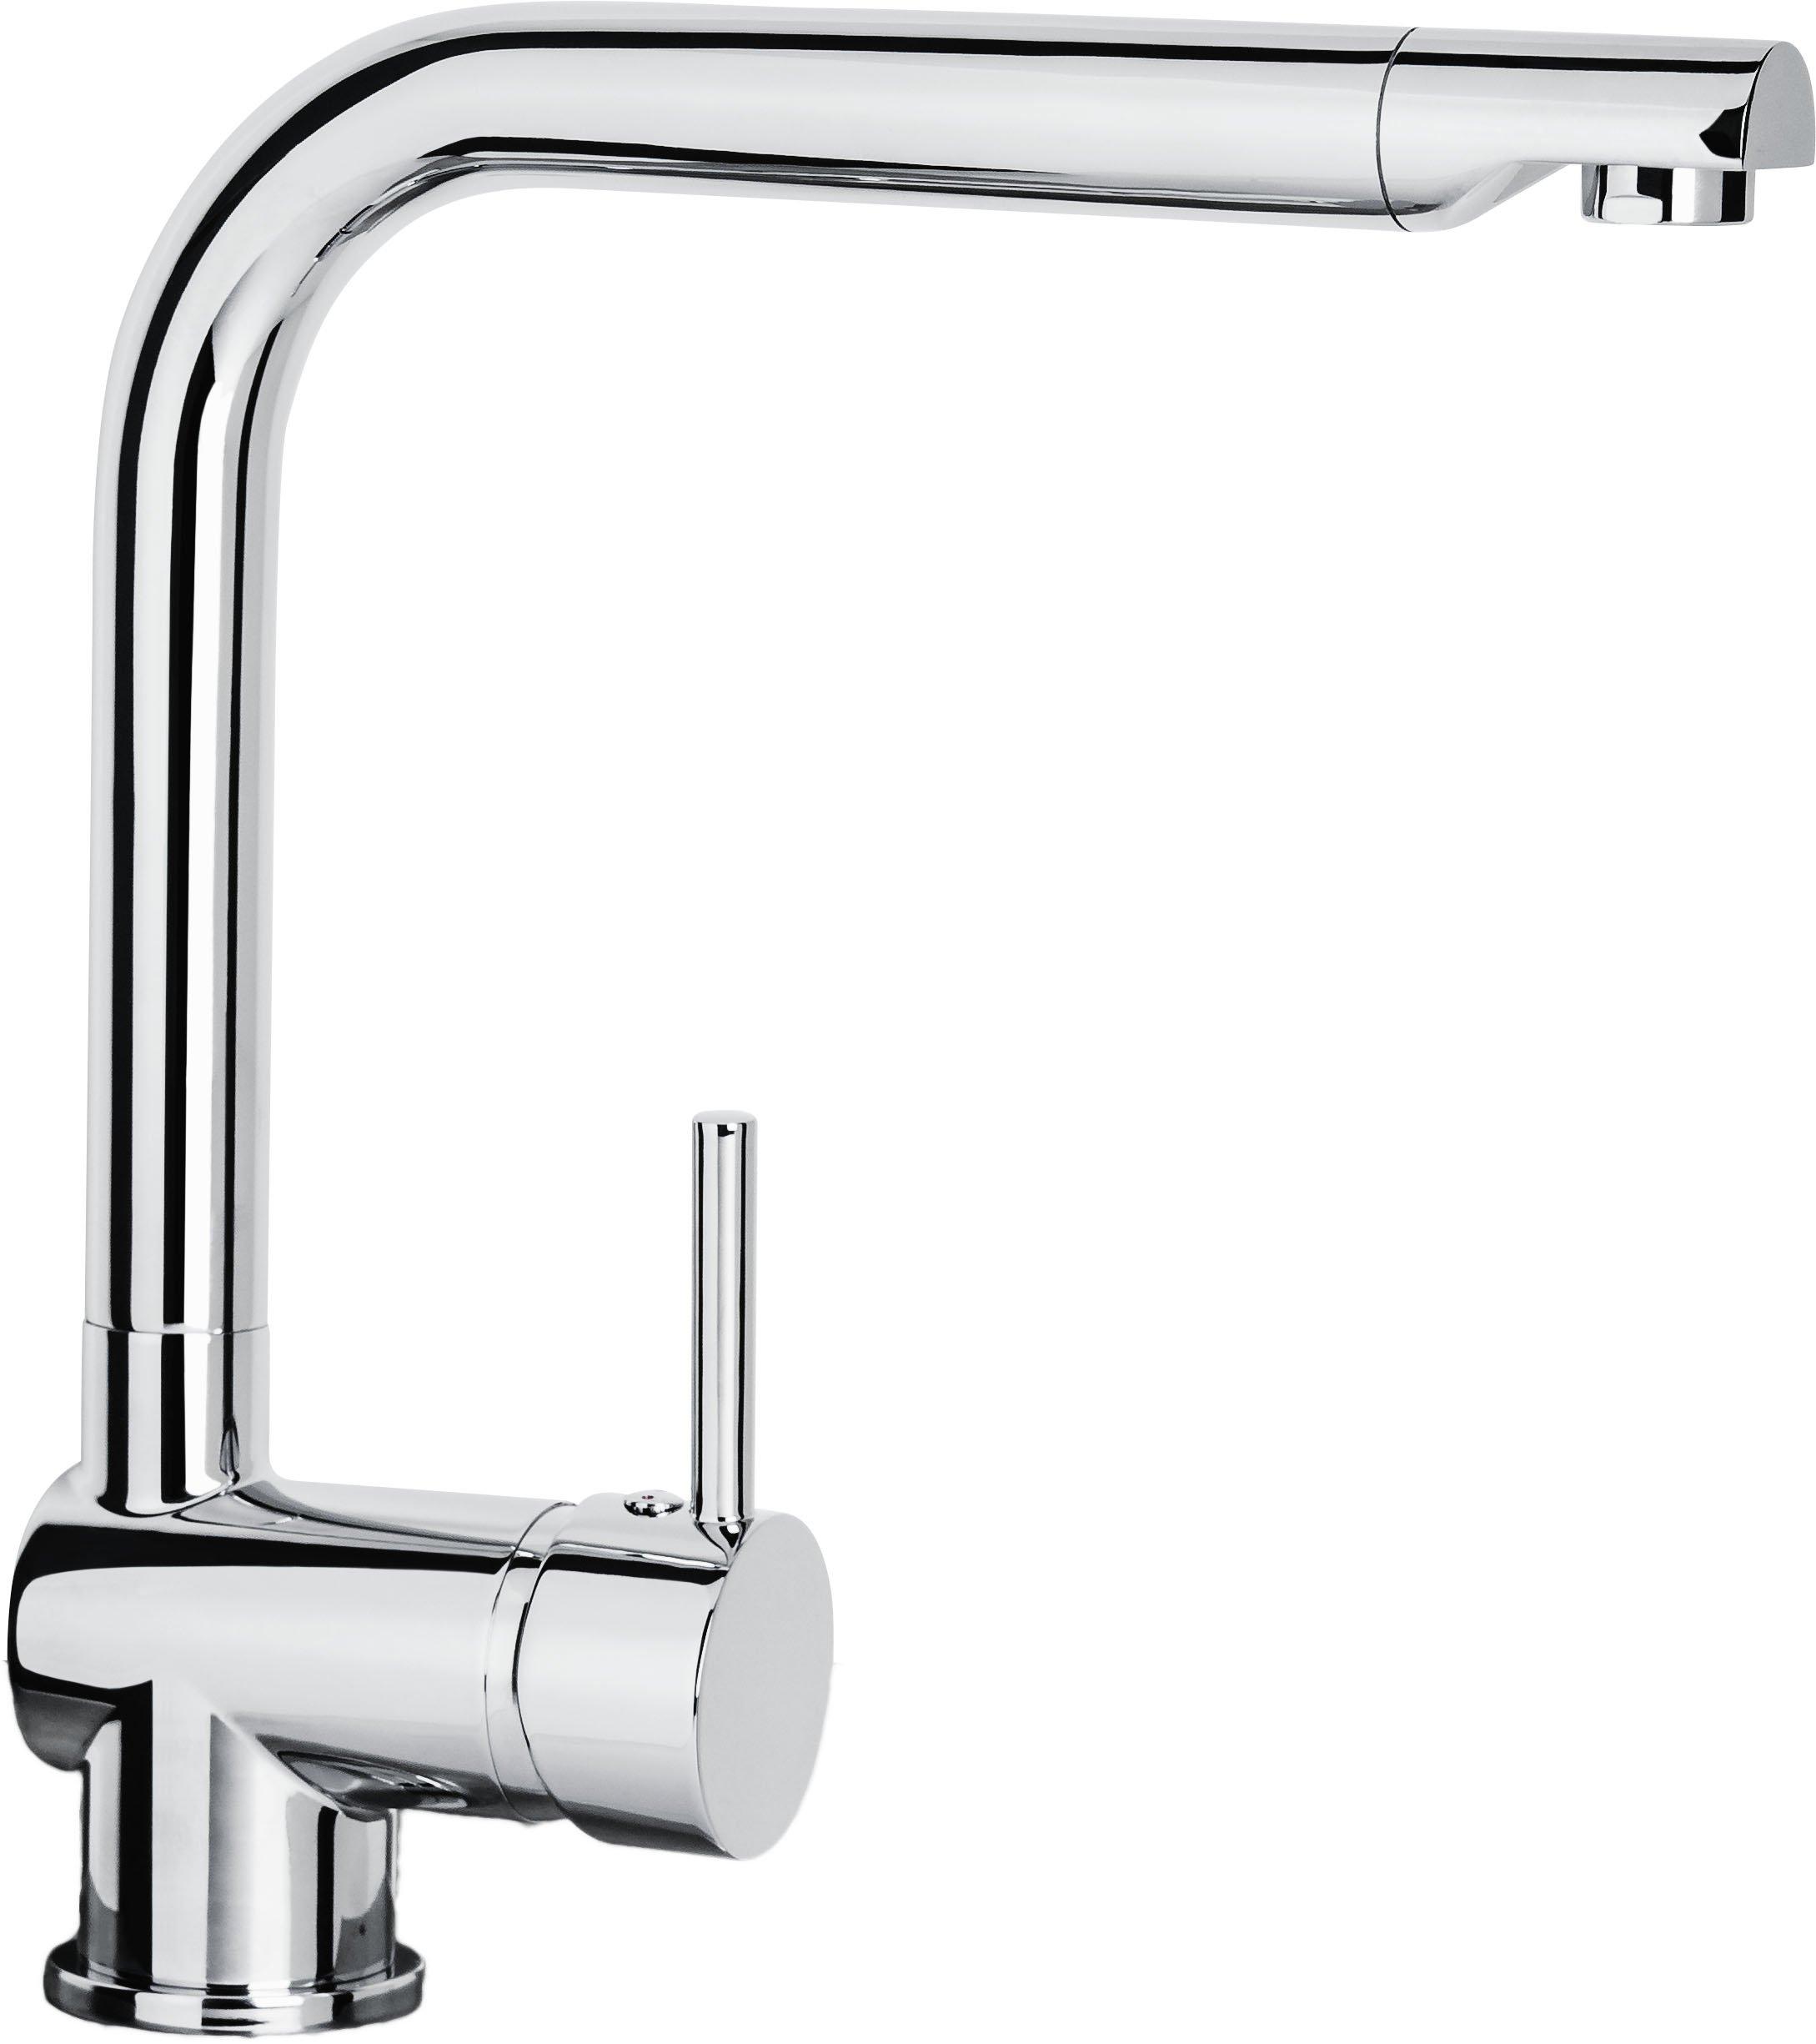 Timbus Bandeira | Küchenarmatur | | Spültischarmatur | Wasserhahn |  Einhebelmischer | Küche | TIM610 Product